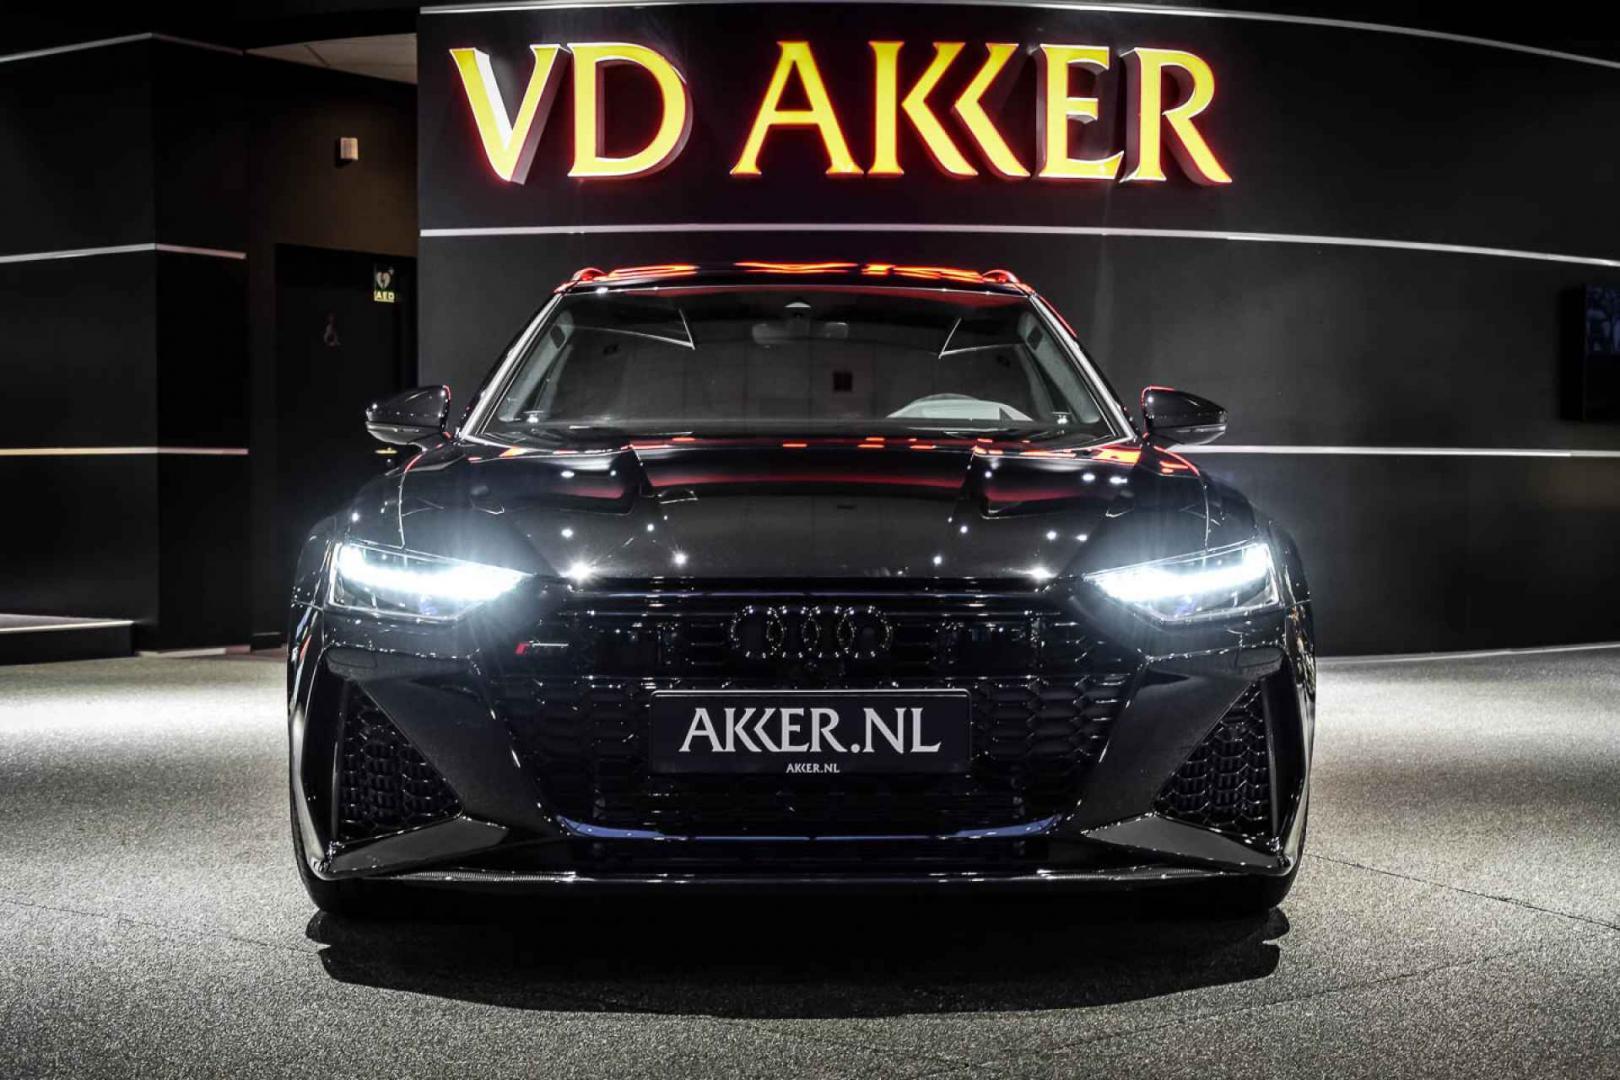 Audi RS 6 C8 Akker